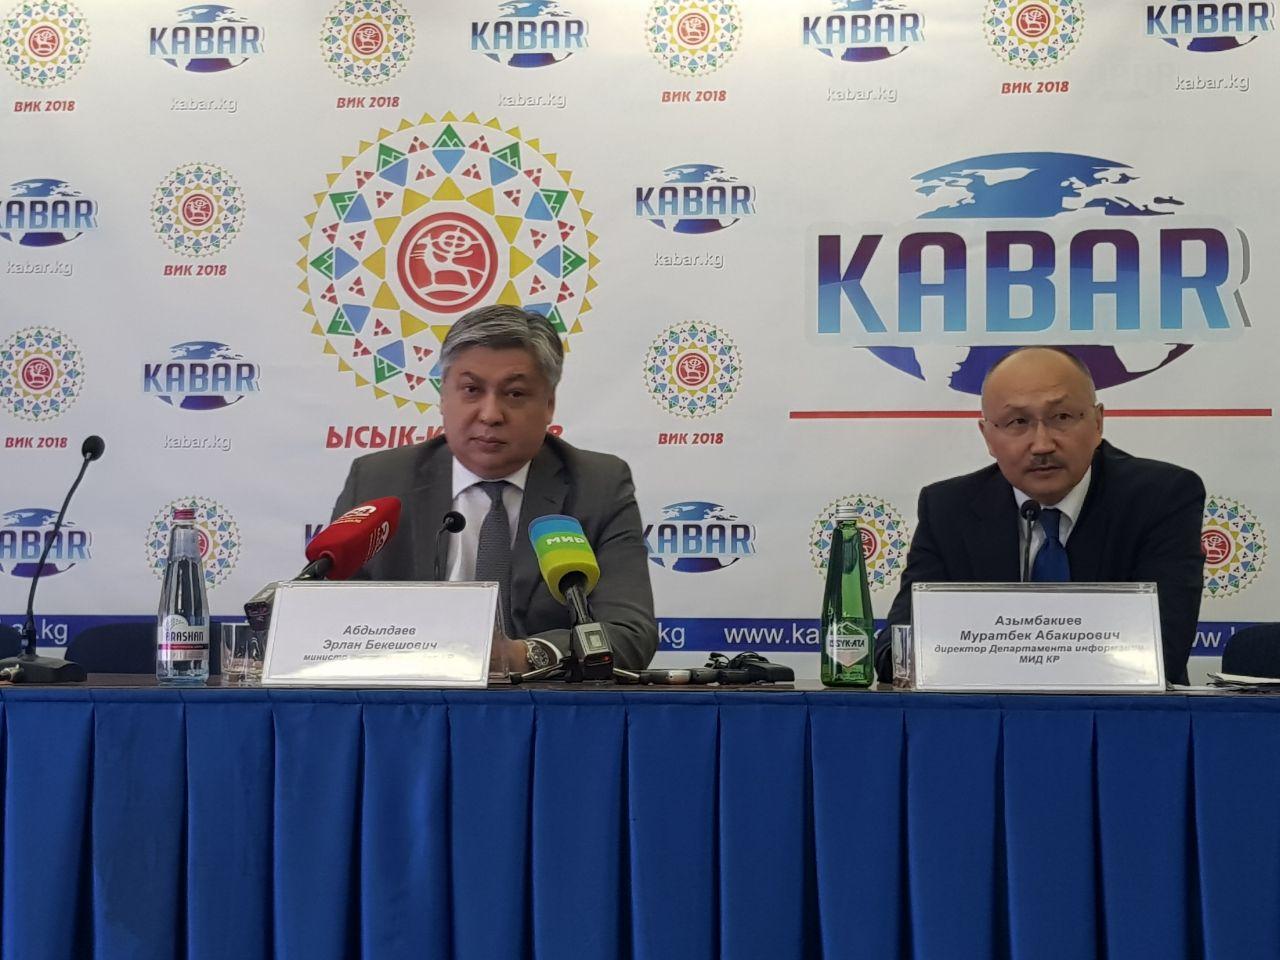 ФМС России: Мигрантам из Кыргызстана станет легче получить работу в странах ЕАЭС